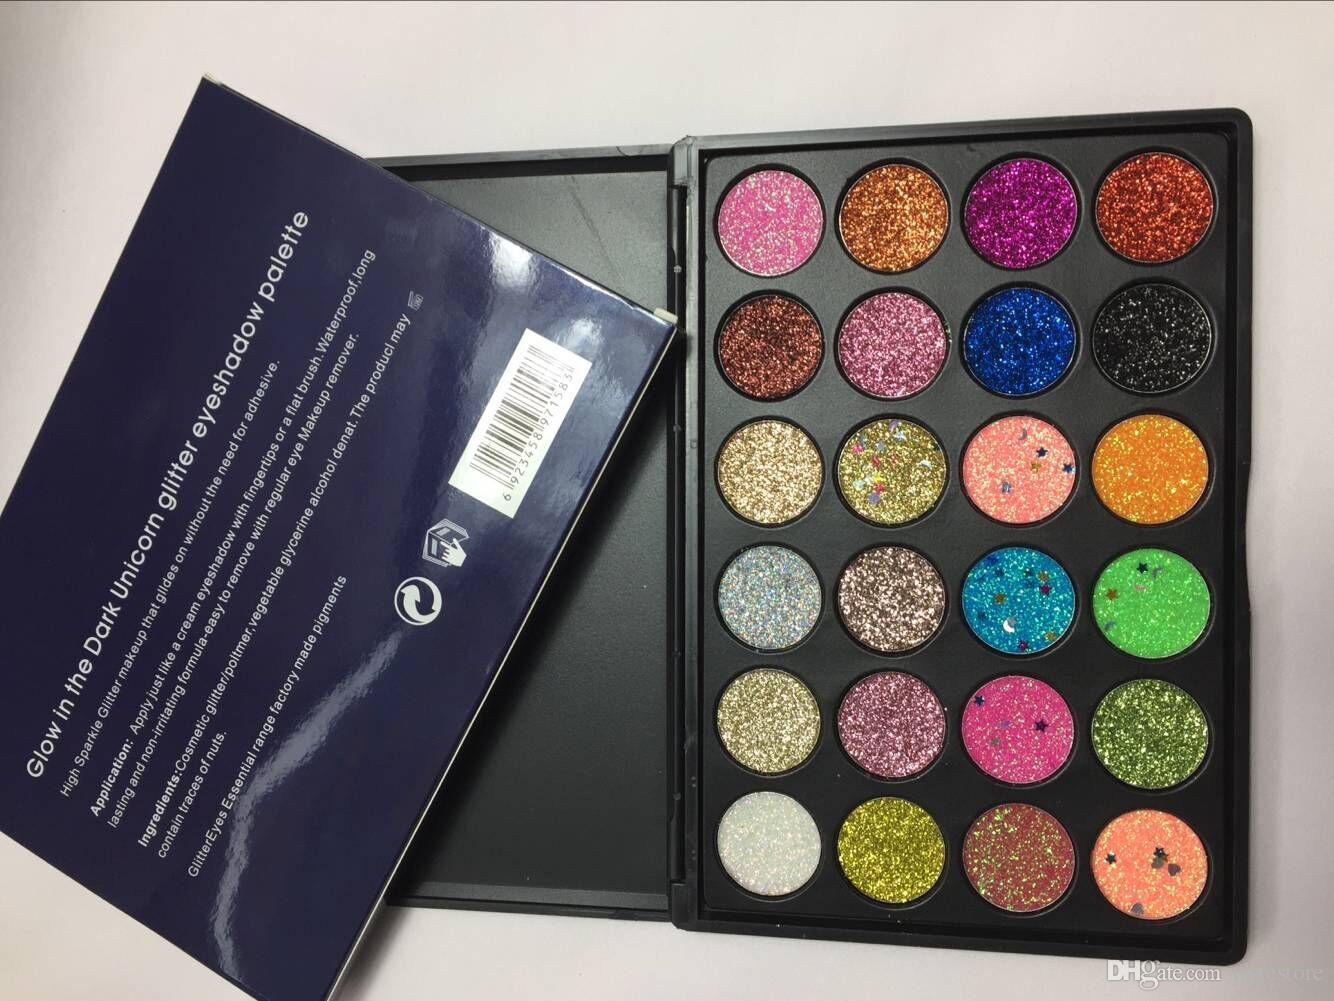 Свечение в темной палитре теней для век блеск 24 цвета ультра пигментированные блеск оттенки макияж тени для век